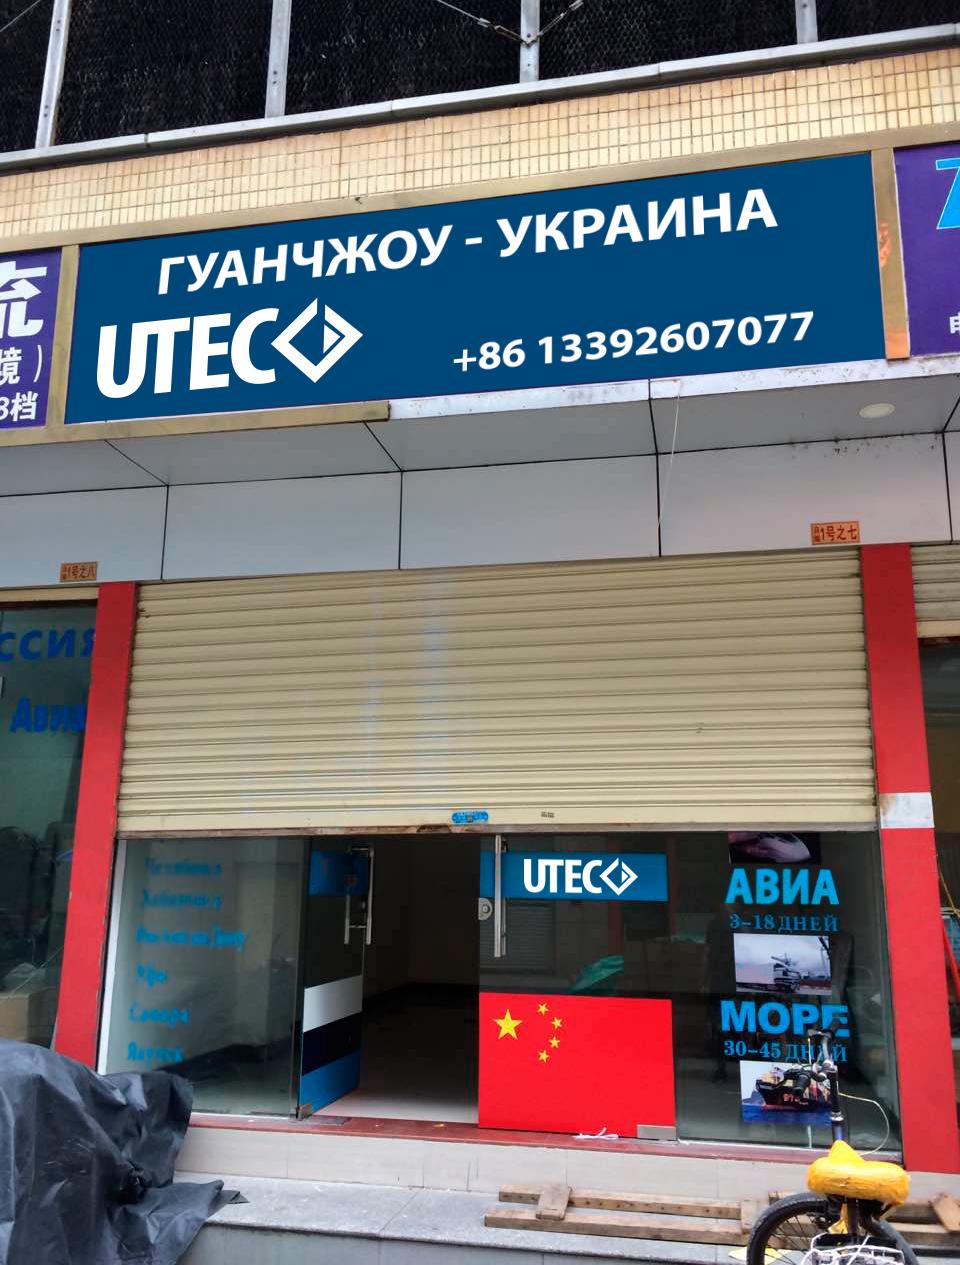 UTEC_Guangzhou (1)